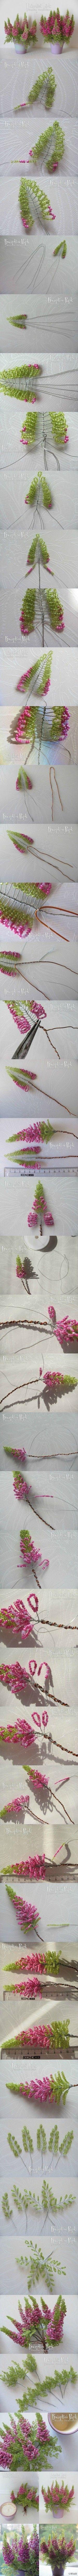 #串珠欧石楠#作者Марина Литовченко。先用绿珠串出嫩叶,慢慢加入粉珠,为了加强枝干编入一根铜线,逐渐增加粉珠数,直到全成粉叶再加入一条粗枝,这样有大量花序珠也不会弯曲。接着把串好的推上去,开始先串粉珠渐渐增加绿珠底叶,全部完成后扭在一起插入雪花石膏花盆中,调整自然。 - 堆糖 发现生活_收集美好_分享图片